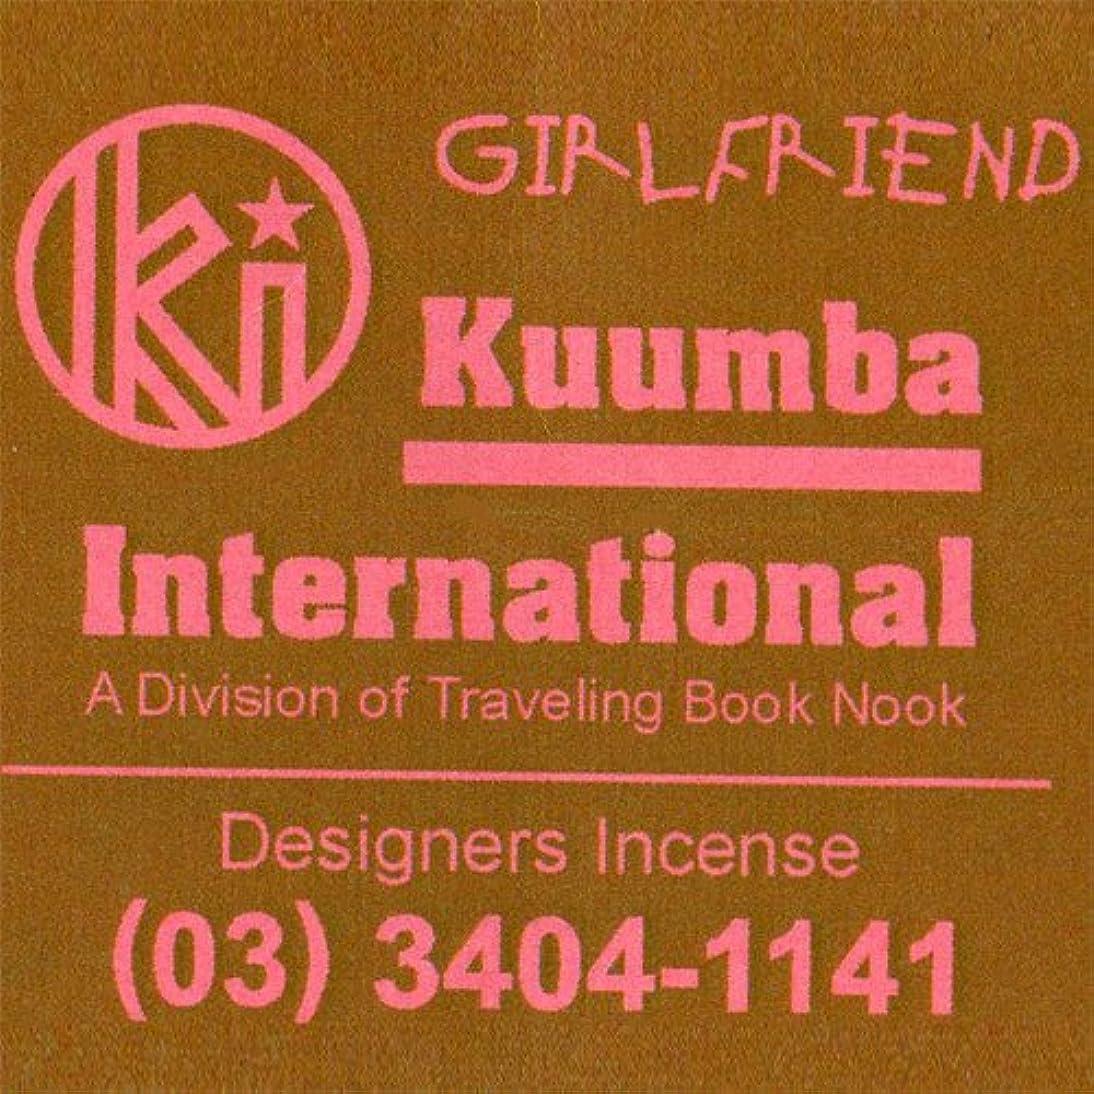 法律により困惑した従順KUUMBA / クンバ『incense』(GIRL FRIEND) (Regular size)